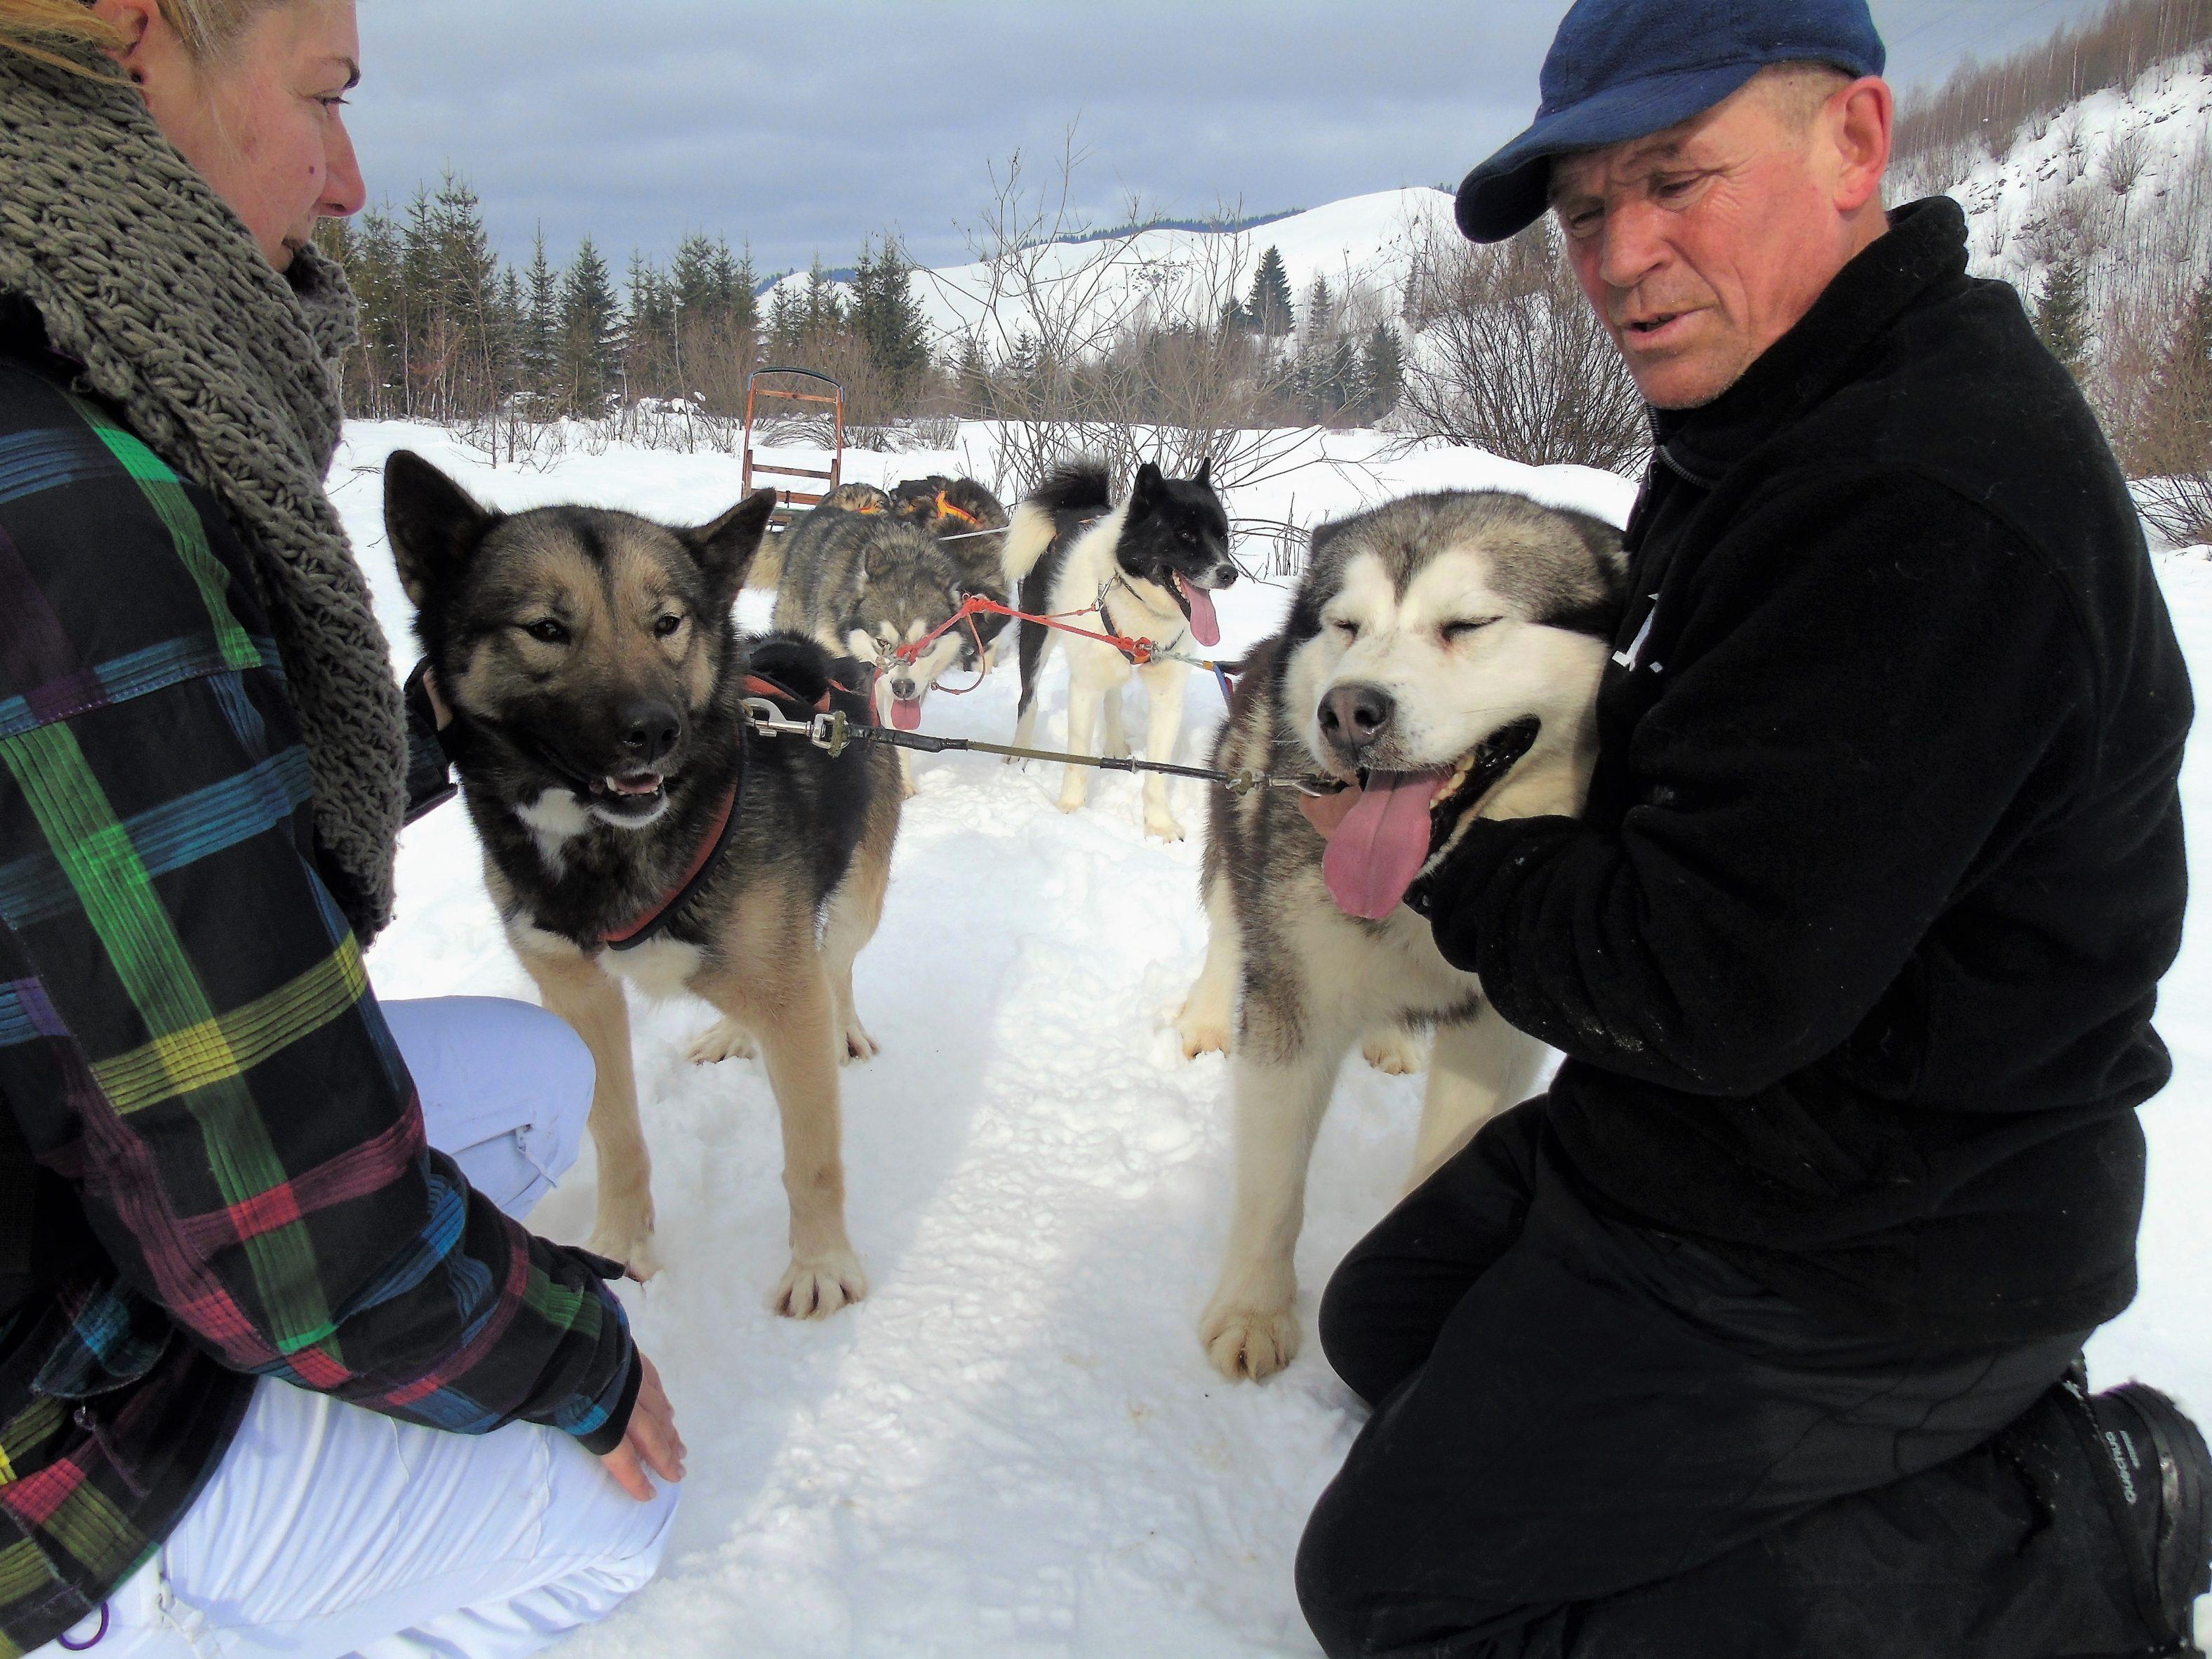 Experiența pozitiva a anului: plimbarea cu câinii in Bălan